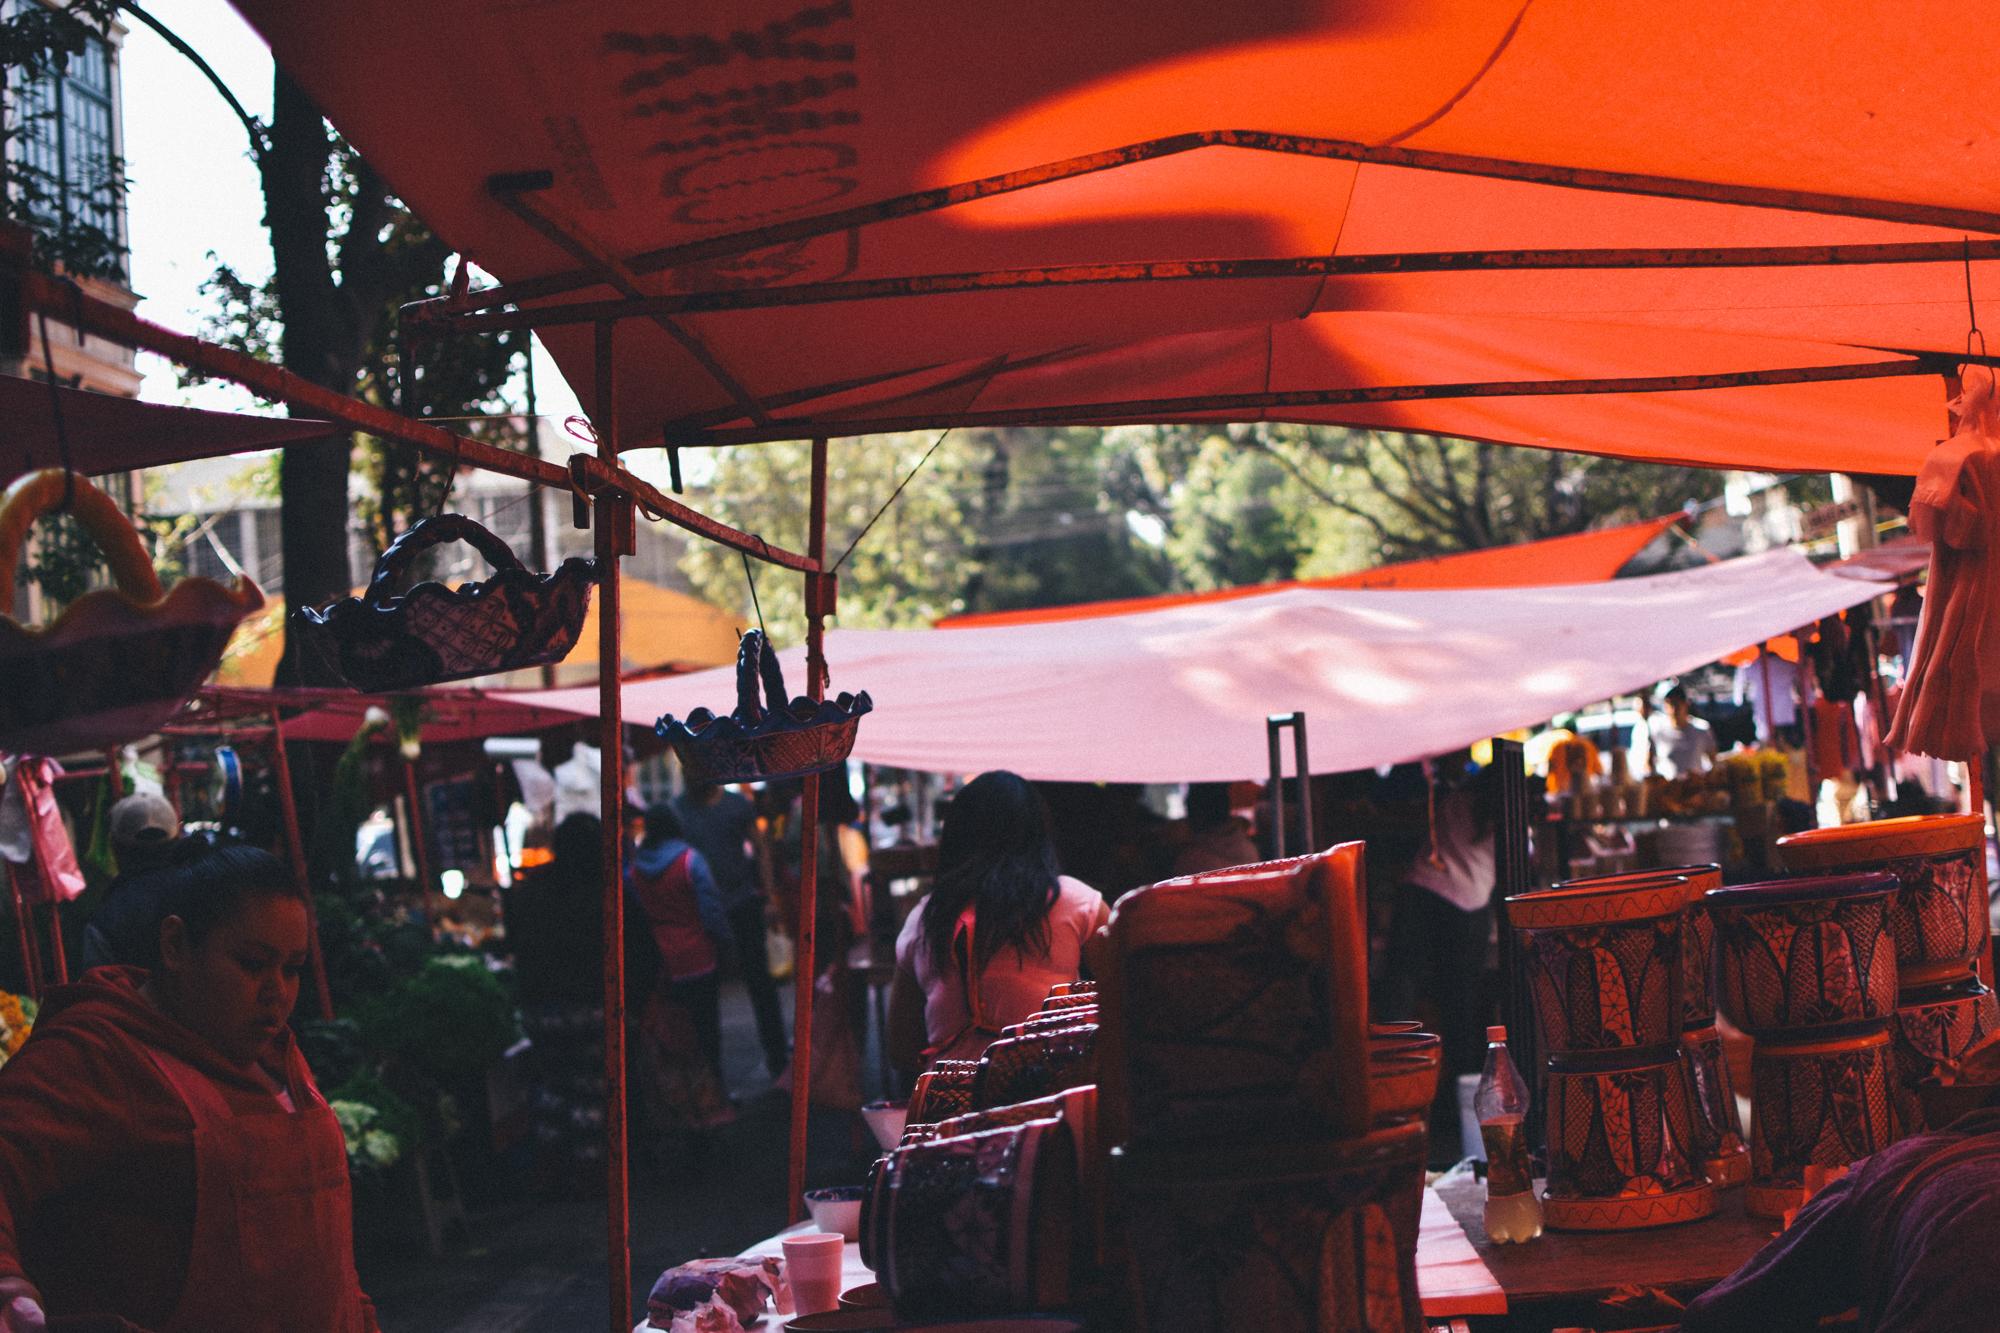 Kyle Studstill_photojournal_travel_Mexico City-18.jpg